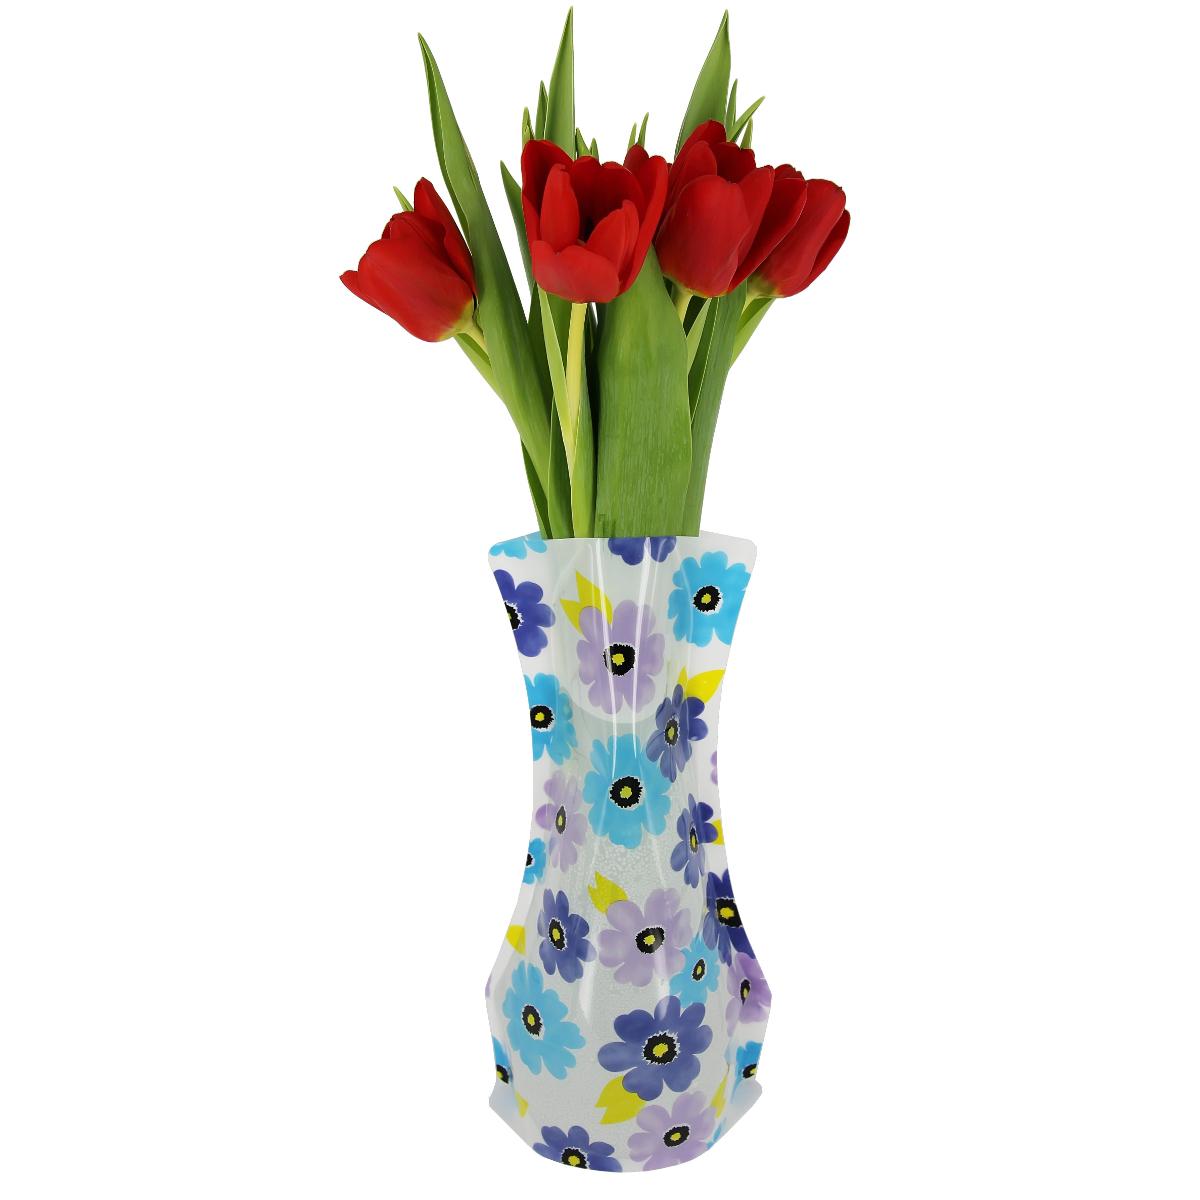 Ваза МастерПроф Сине-фиолетовые ромашки, пластичная, 1,2 лFS-80299Пластичная ваза Сине-фиолетовые ромашки легко складывается, удобно хранится - занимает мало места, долго служит. Всегда пригодится дома, в офисе, на даче, для оформления различных меропритятий. Отлично подойдет для перевозки цветов, или просто в подарок.Инструкция: 1. Наполните вазу теплой водой;2. Дно и стенки расправятся;3. Вылейте воду;4. Наполните вазу холодной водой;5. Вставьте цветы.Меры предосторожности:Хранить вдали от источников тепла и яркого солнечного света. С осторожностью применять для растений с длинными стеблями и с крупными соцветиями, что бы избежать опрокидывания вазы.